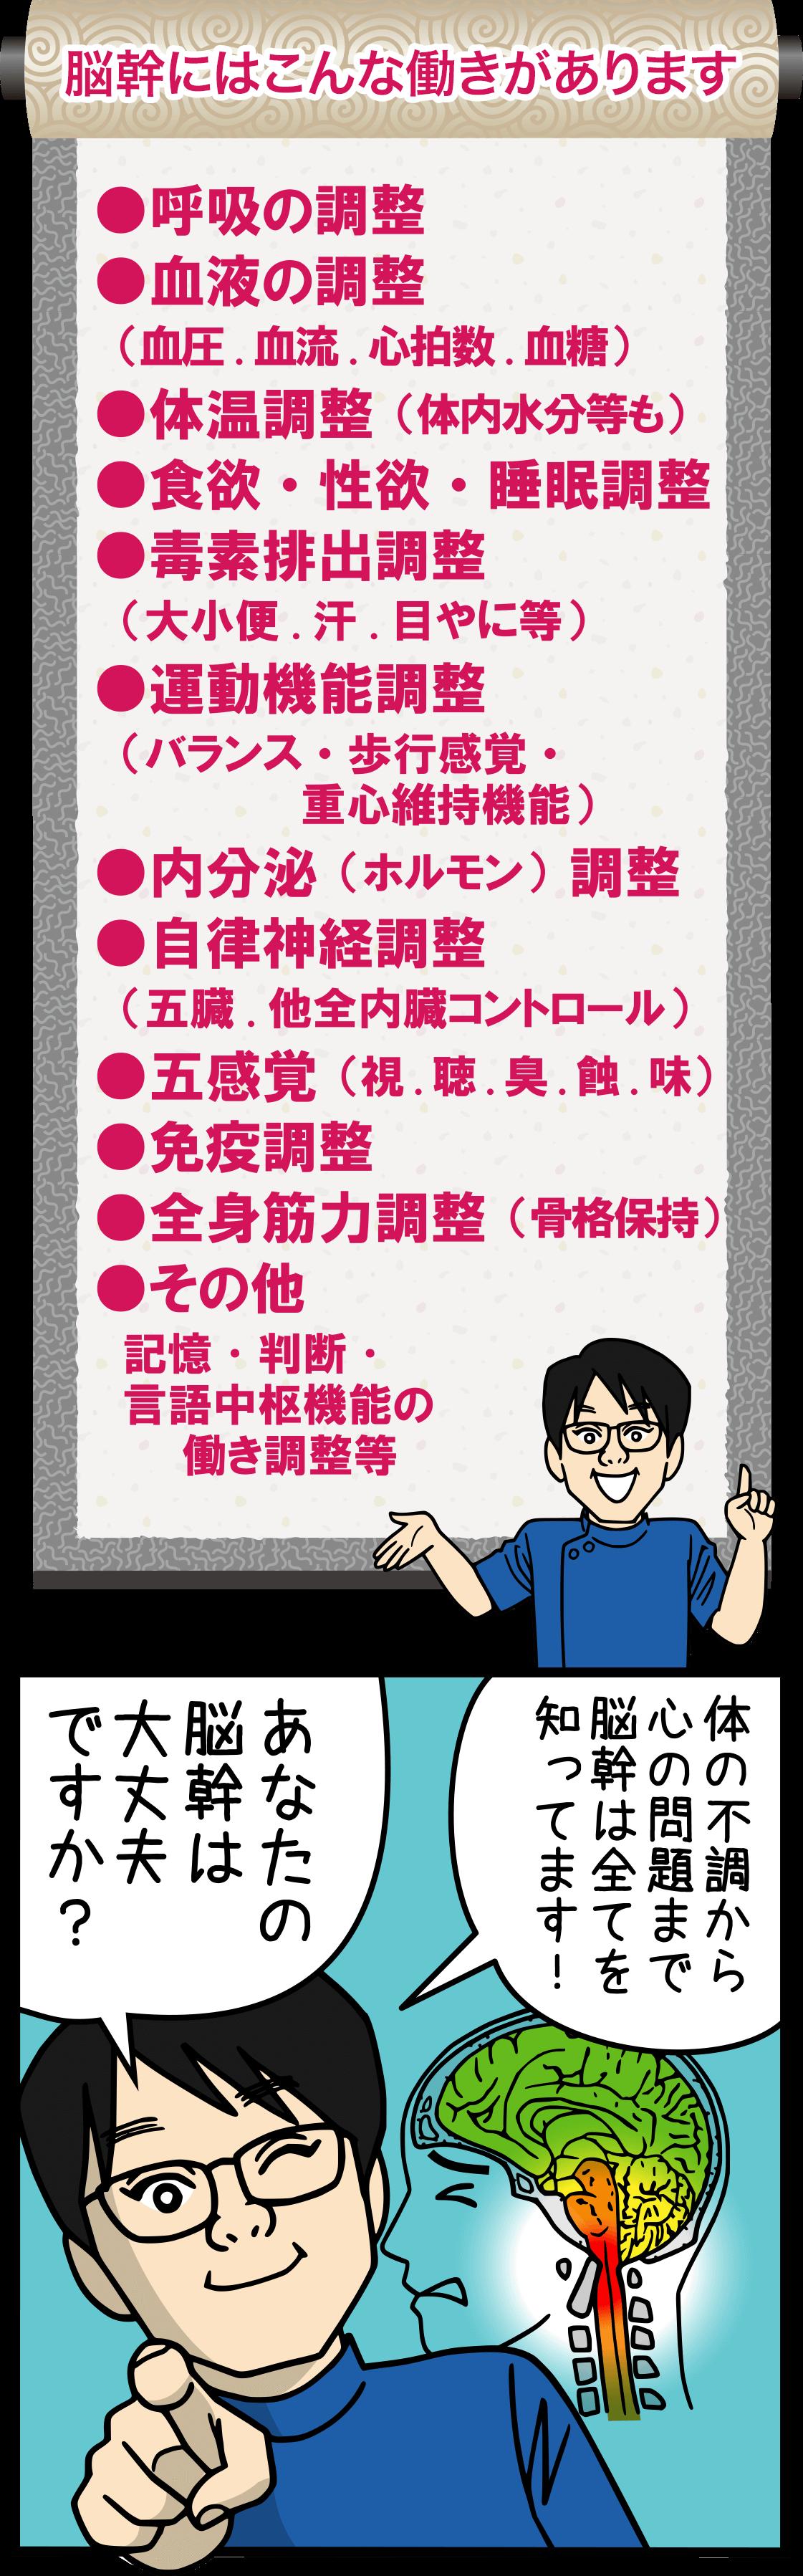 脳幹の働き 大阪堺市YELL(図)